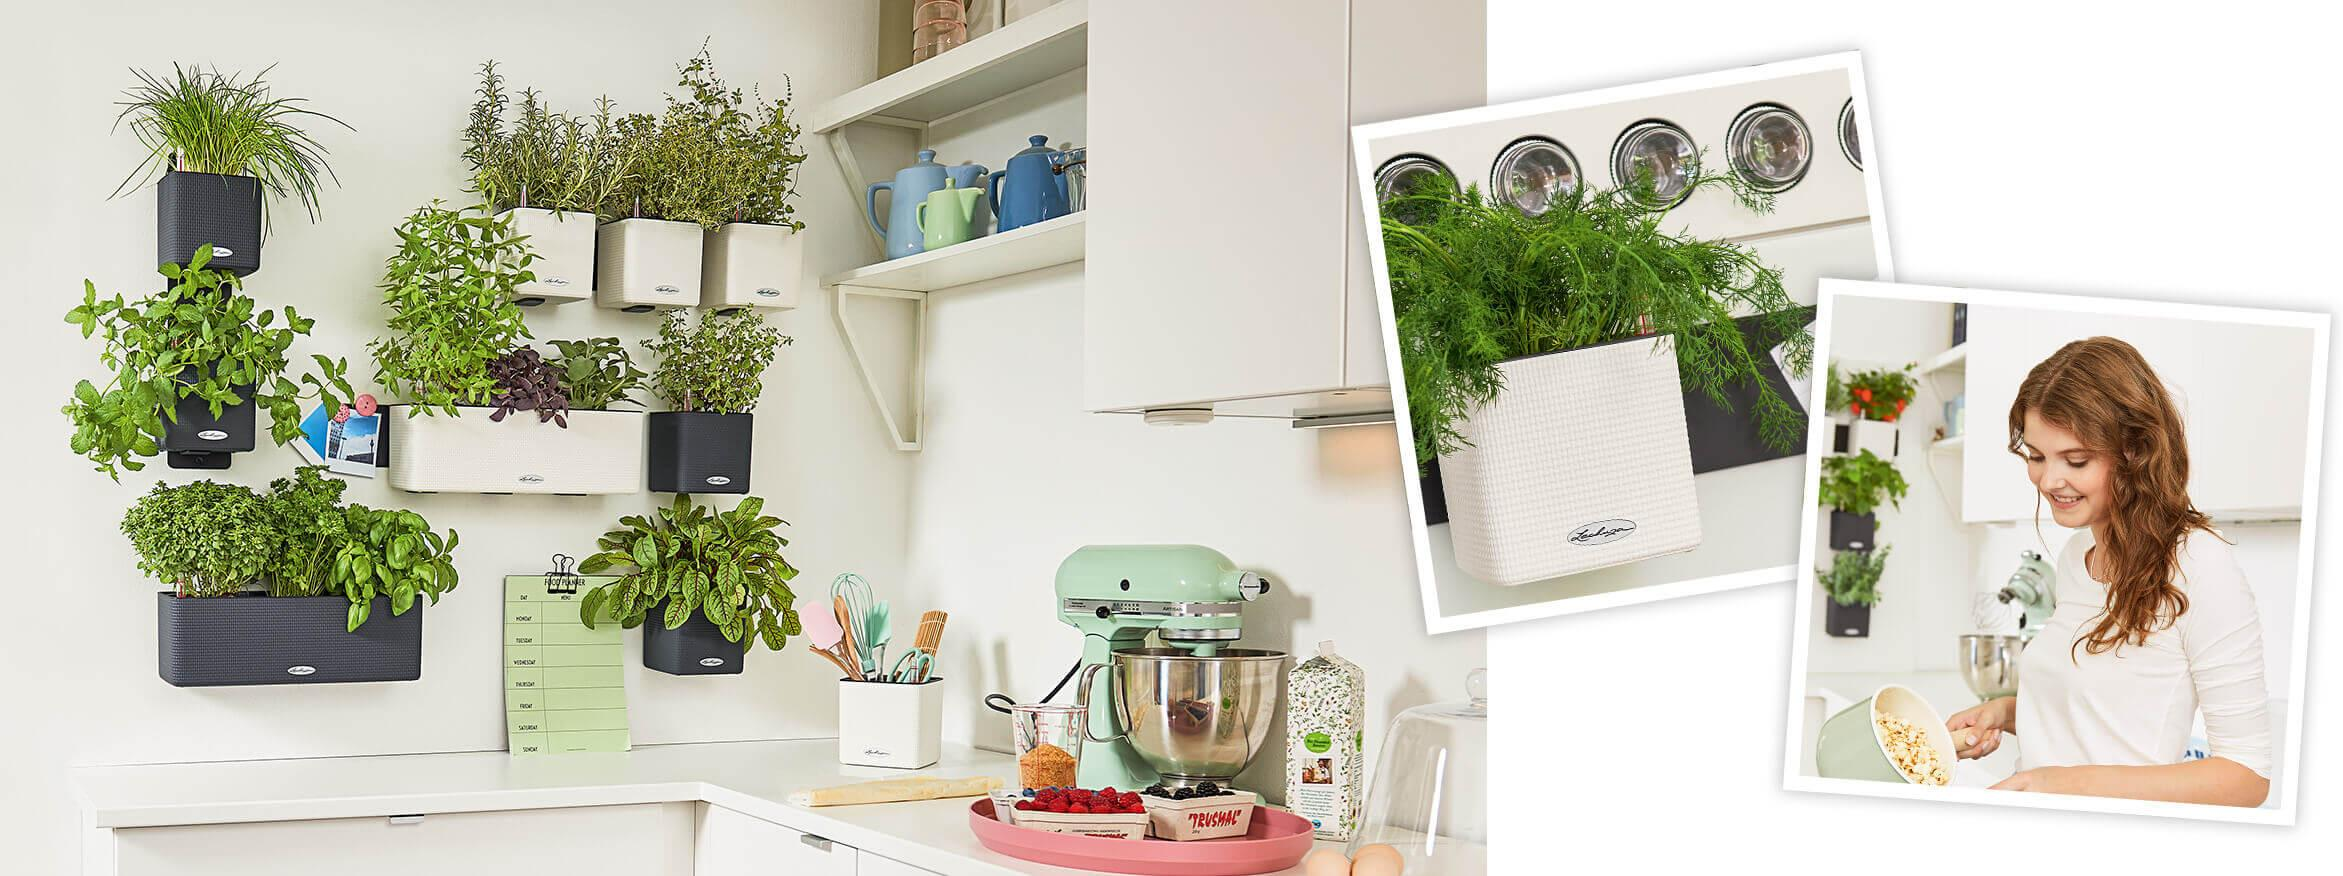 Planter Herbes Aromatiques Jardiniere un jardin d'herbes aromatiques dans votre cuisine !